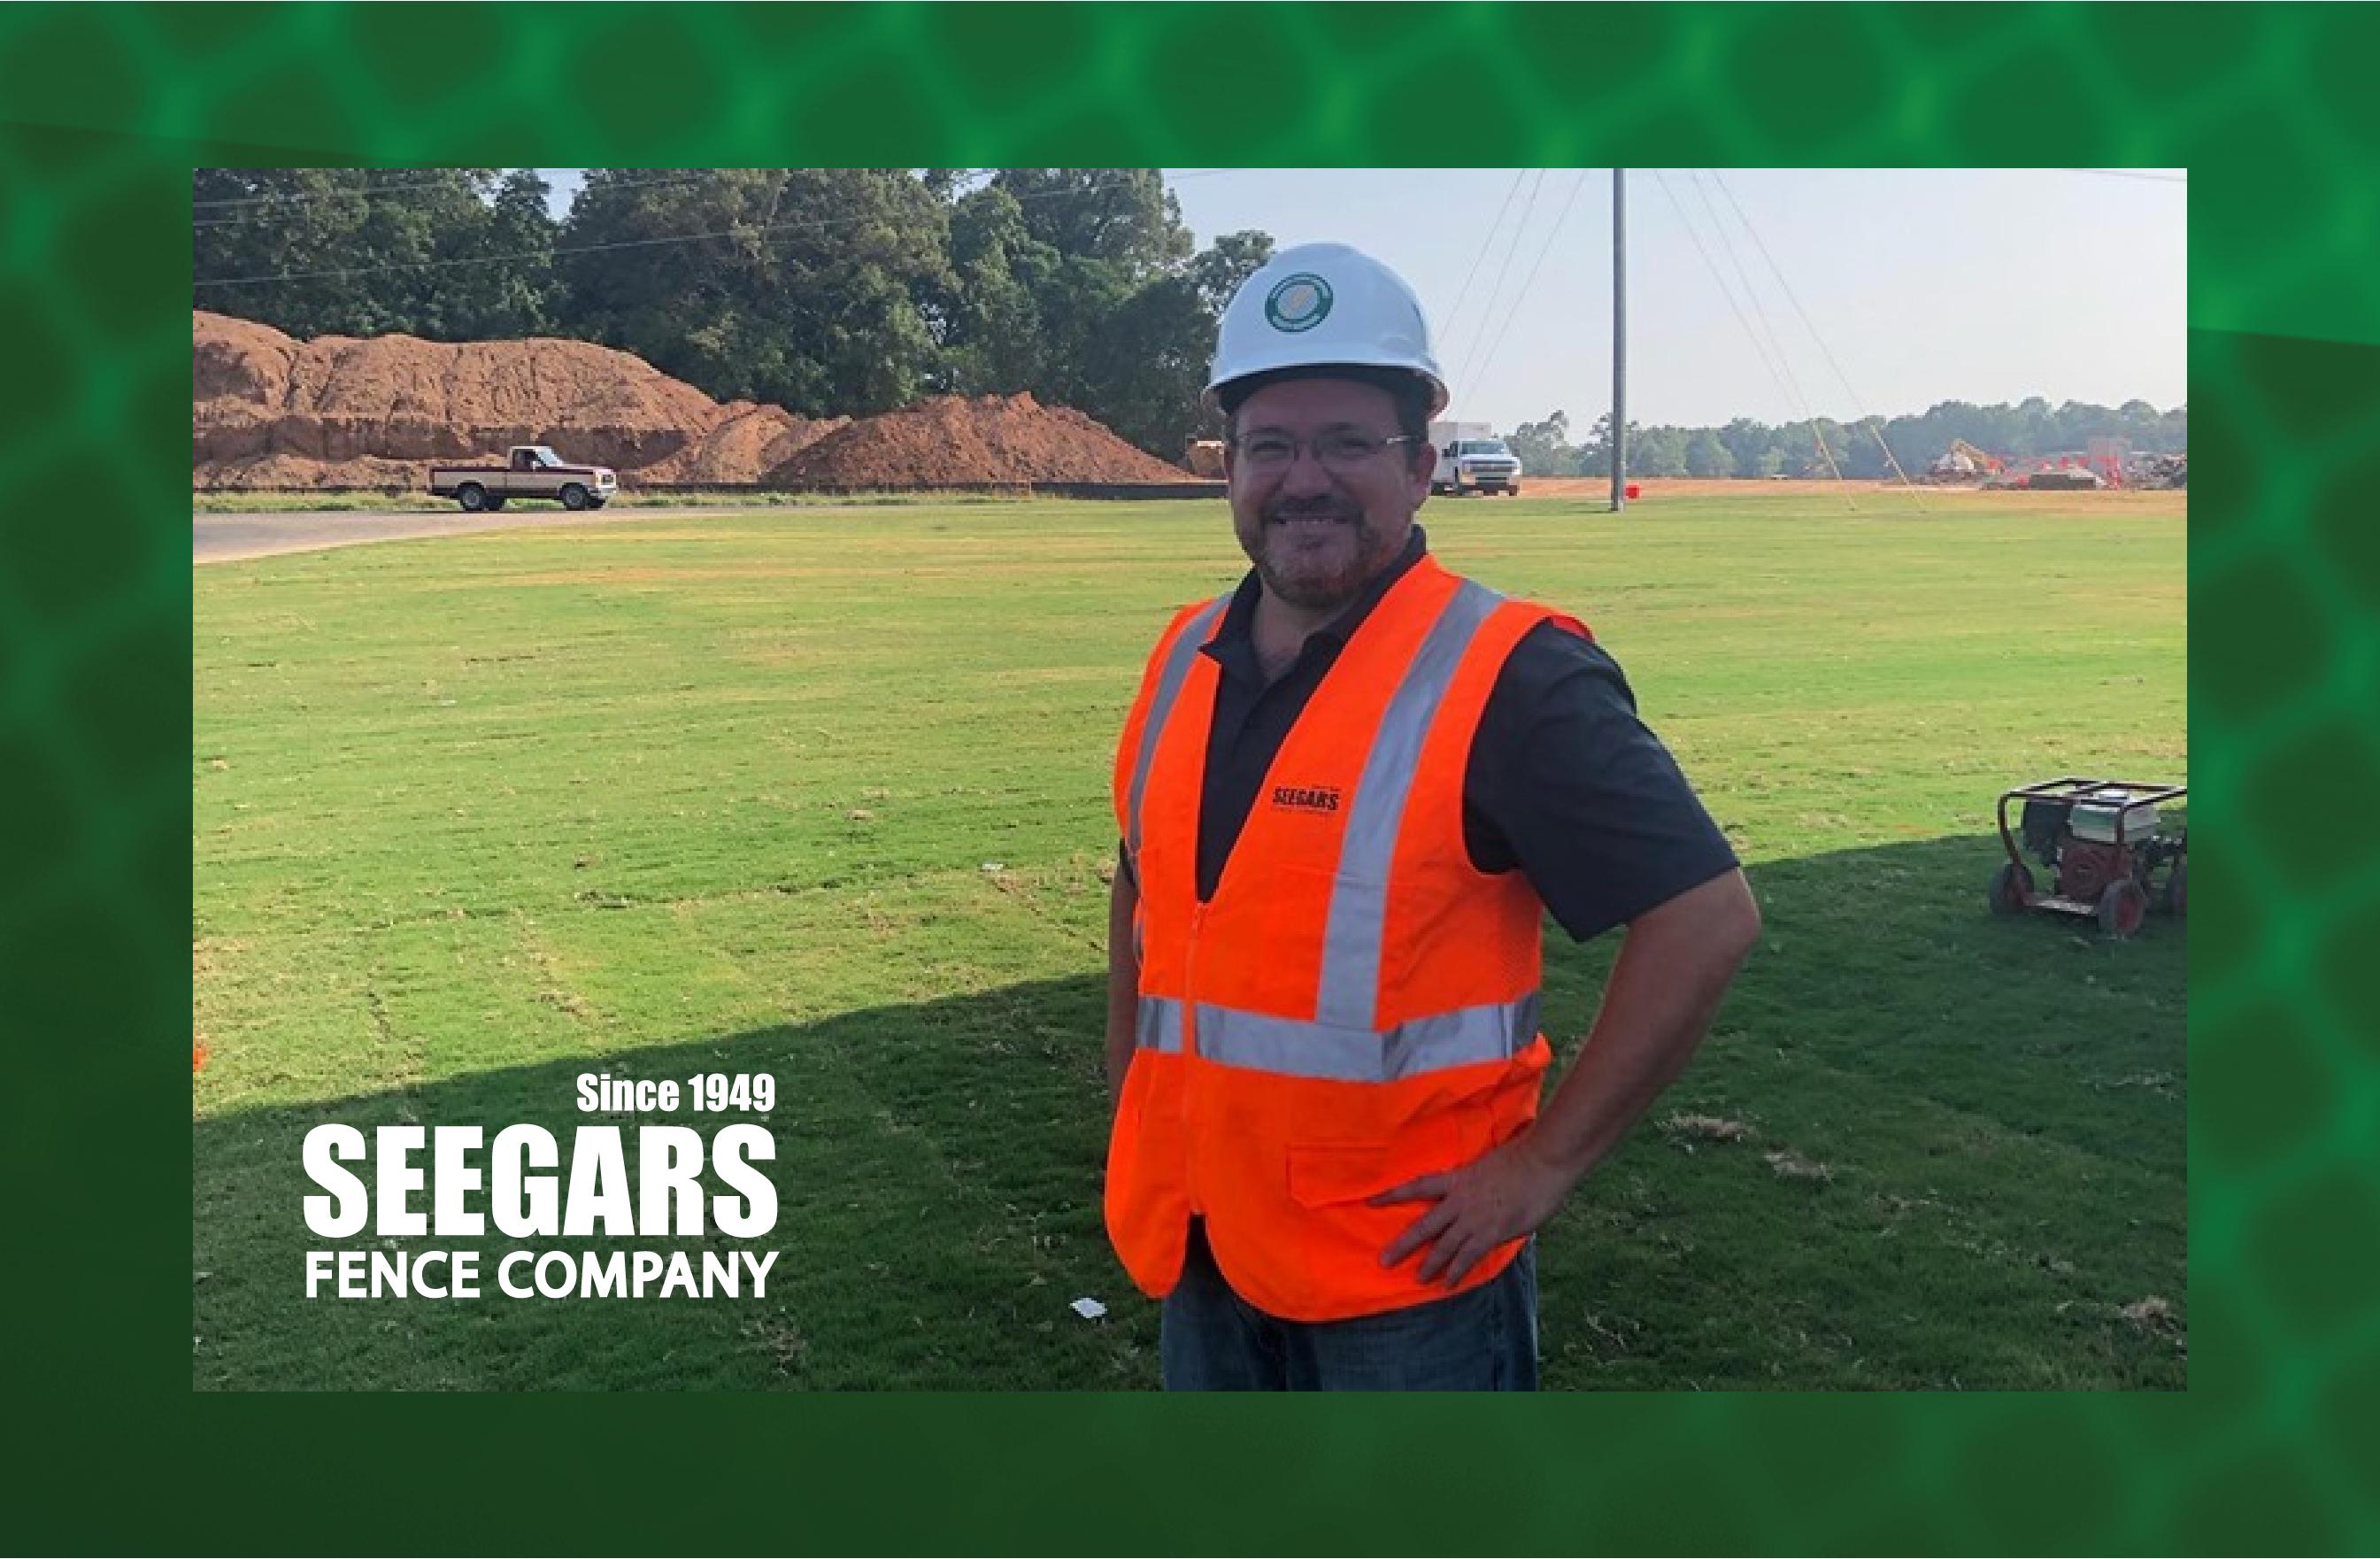 Seegars Training Videos Seegars Fence Company